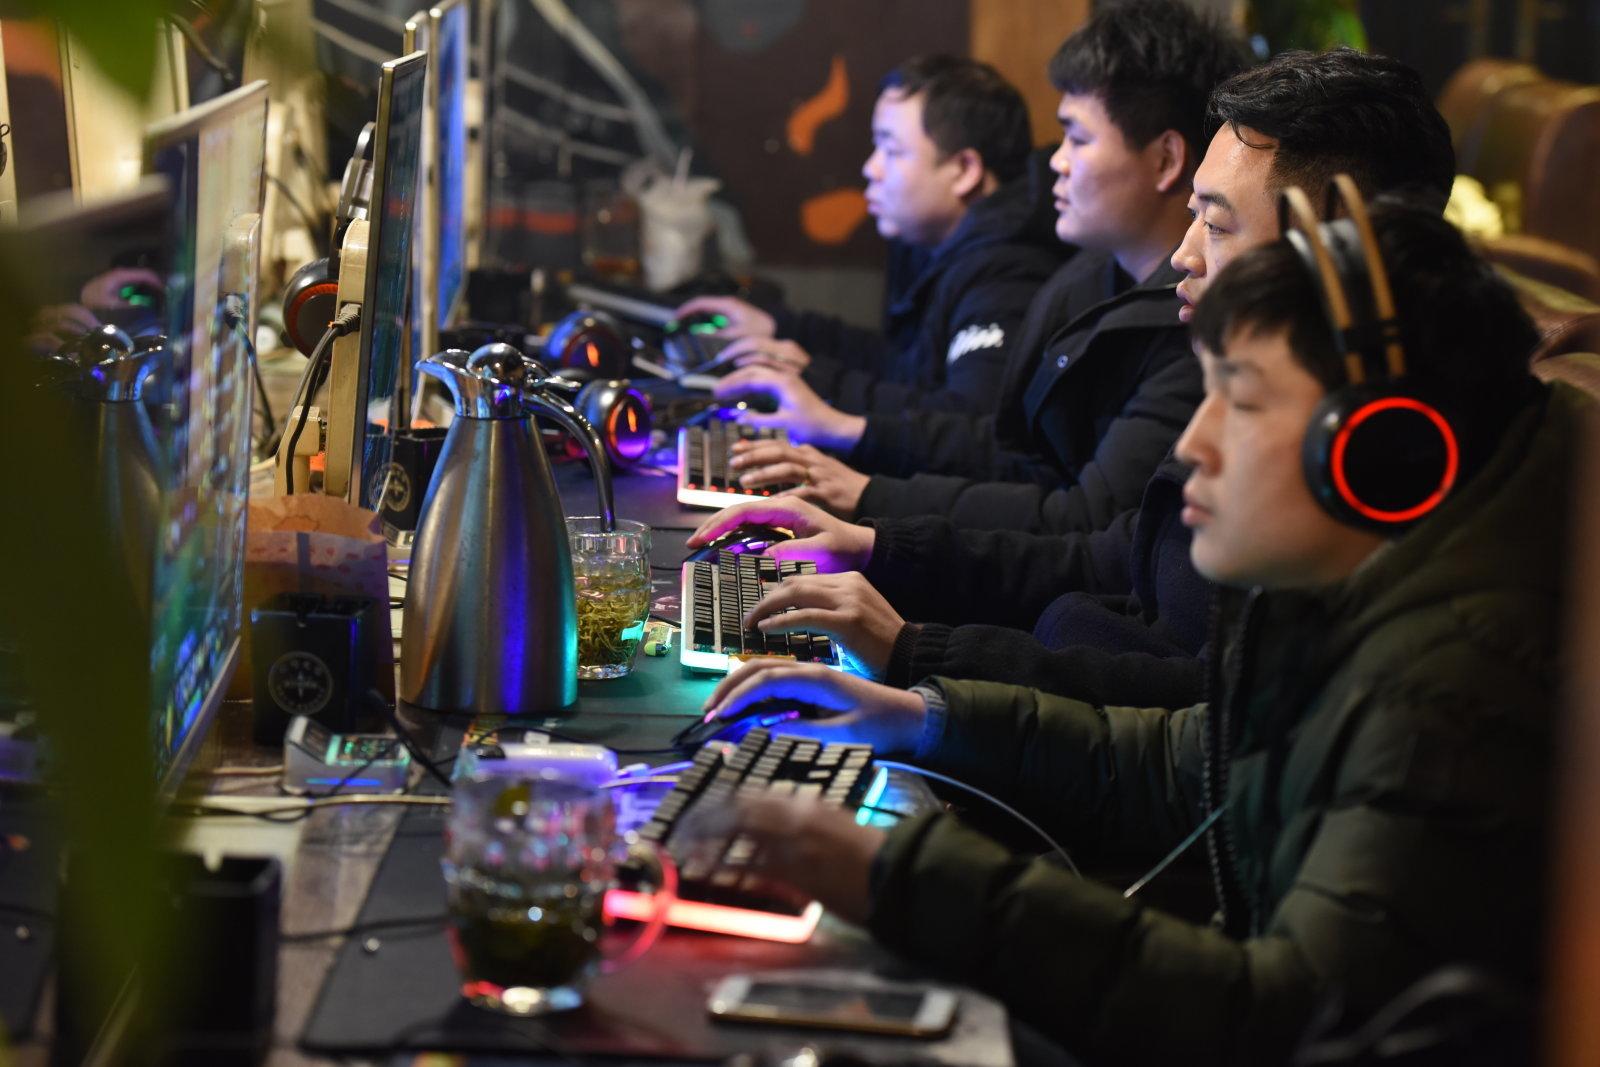 دولت چین برای کنترل محتوای اینترنتی در این کشور چه قانونی وضع کرده است؟